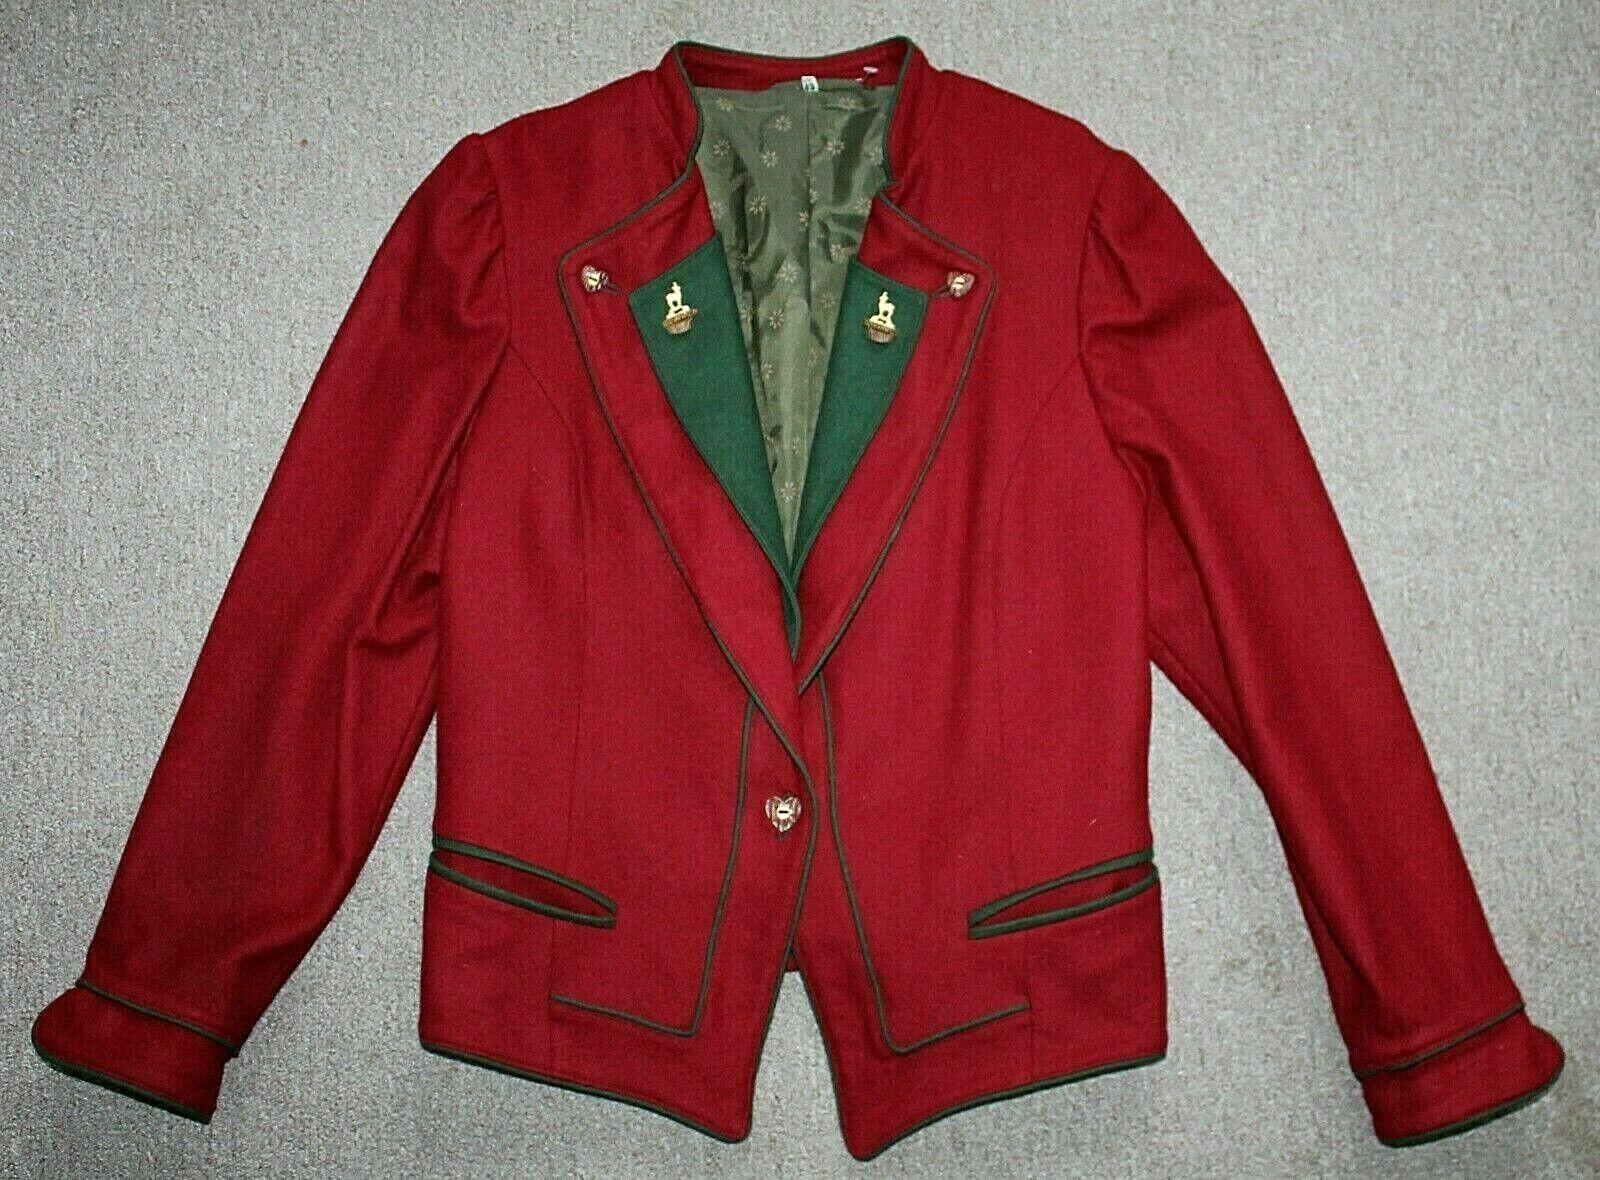 Vestido corto H Moser Lana Rojo  para Mujer de equitación Tyroler Trachten Loden Chaqueta 42 M  Envío y cambio gratis.